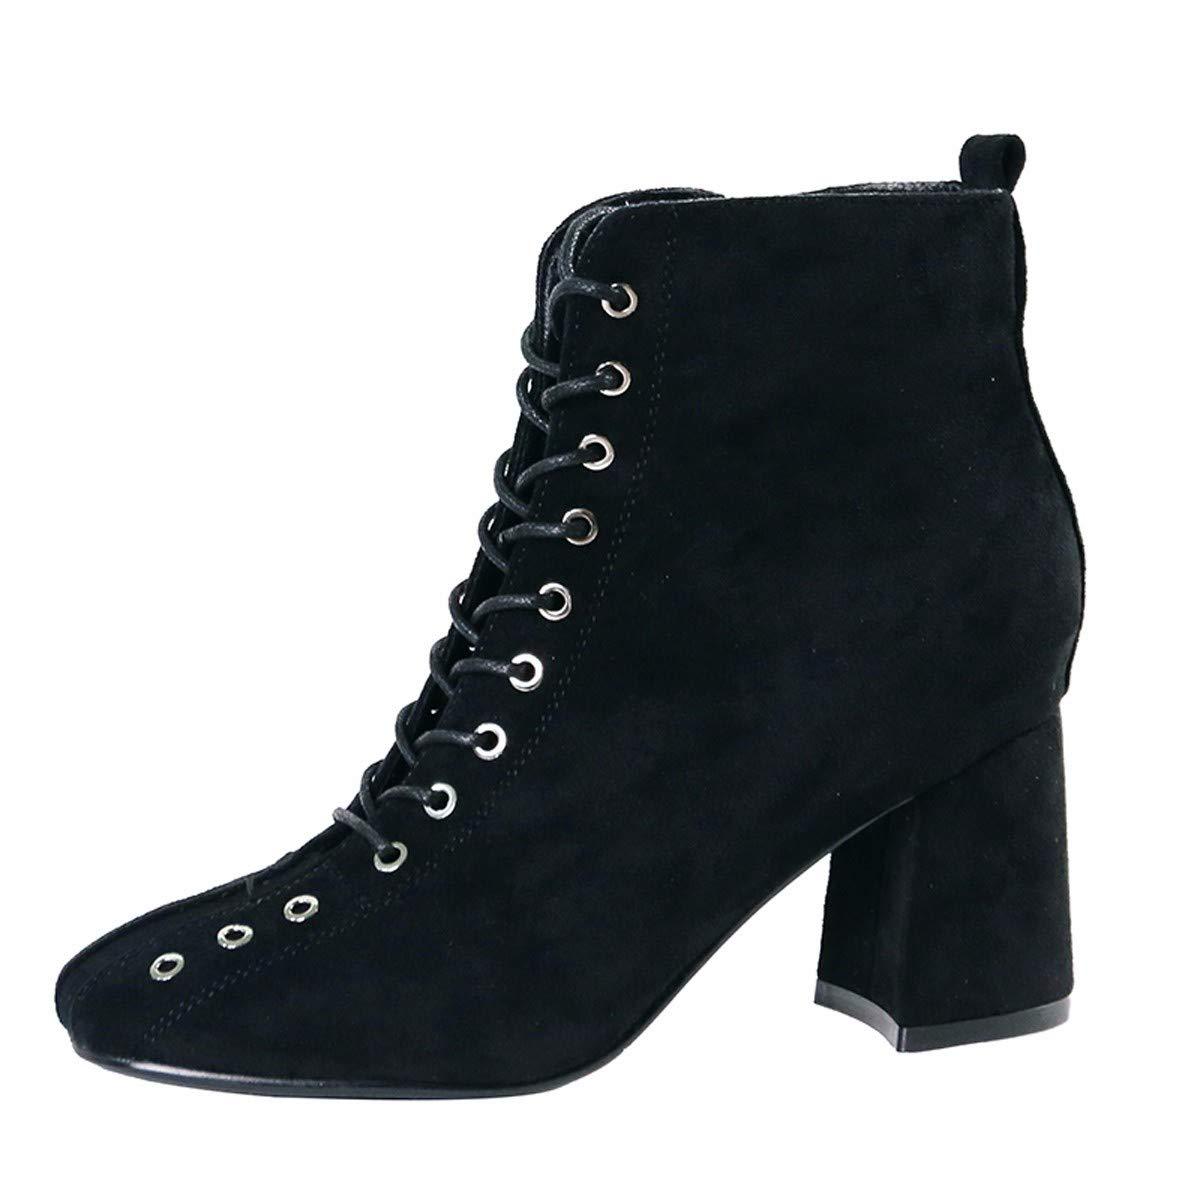 KPHY Damenschuhe/Trendige Kurze Stiefel, High 8Cm, Pravokotno Glavo In Rauen, Einfache, Wildleder, Reißverschluss, Ma Dingxue.